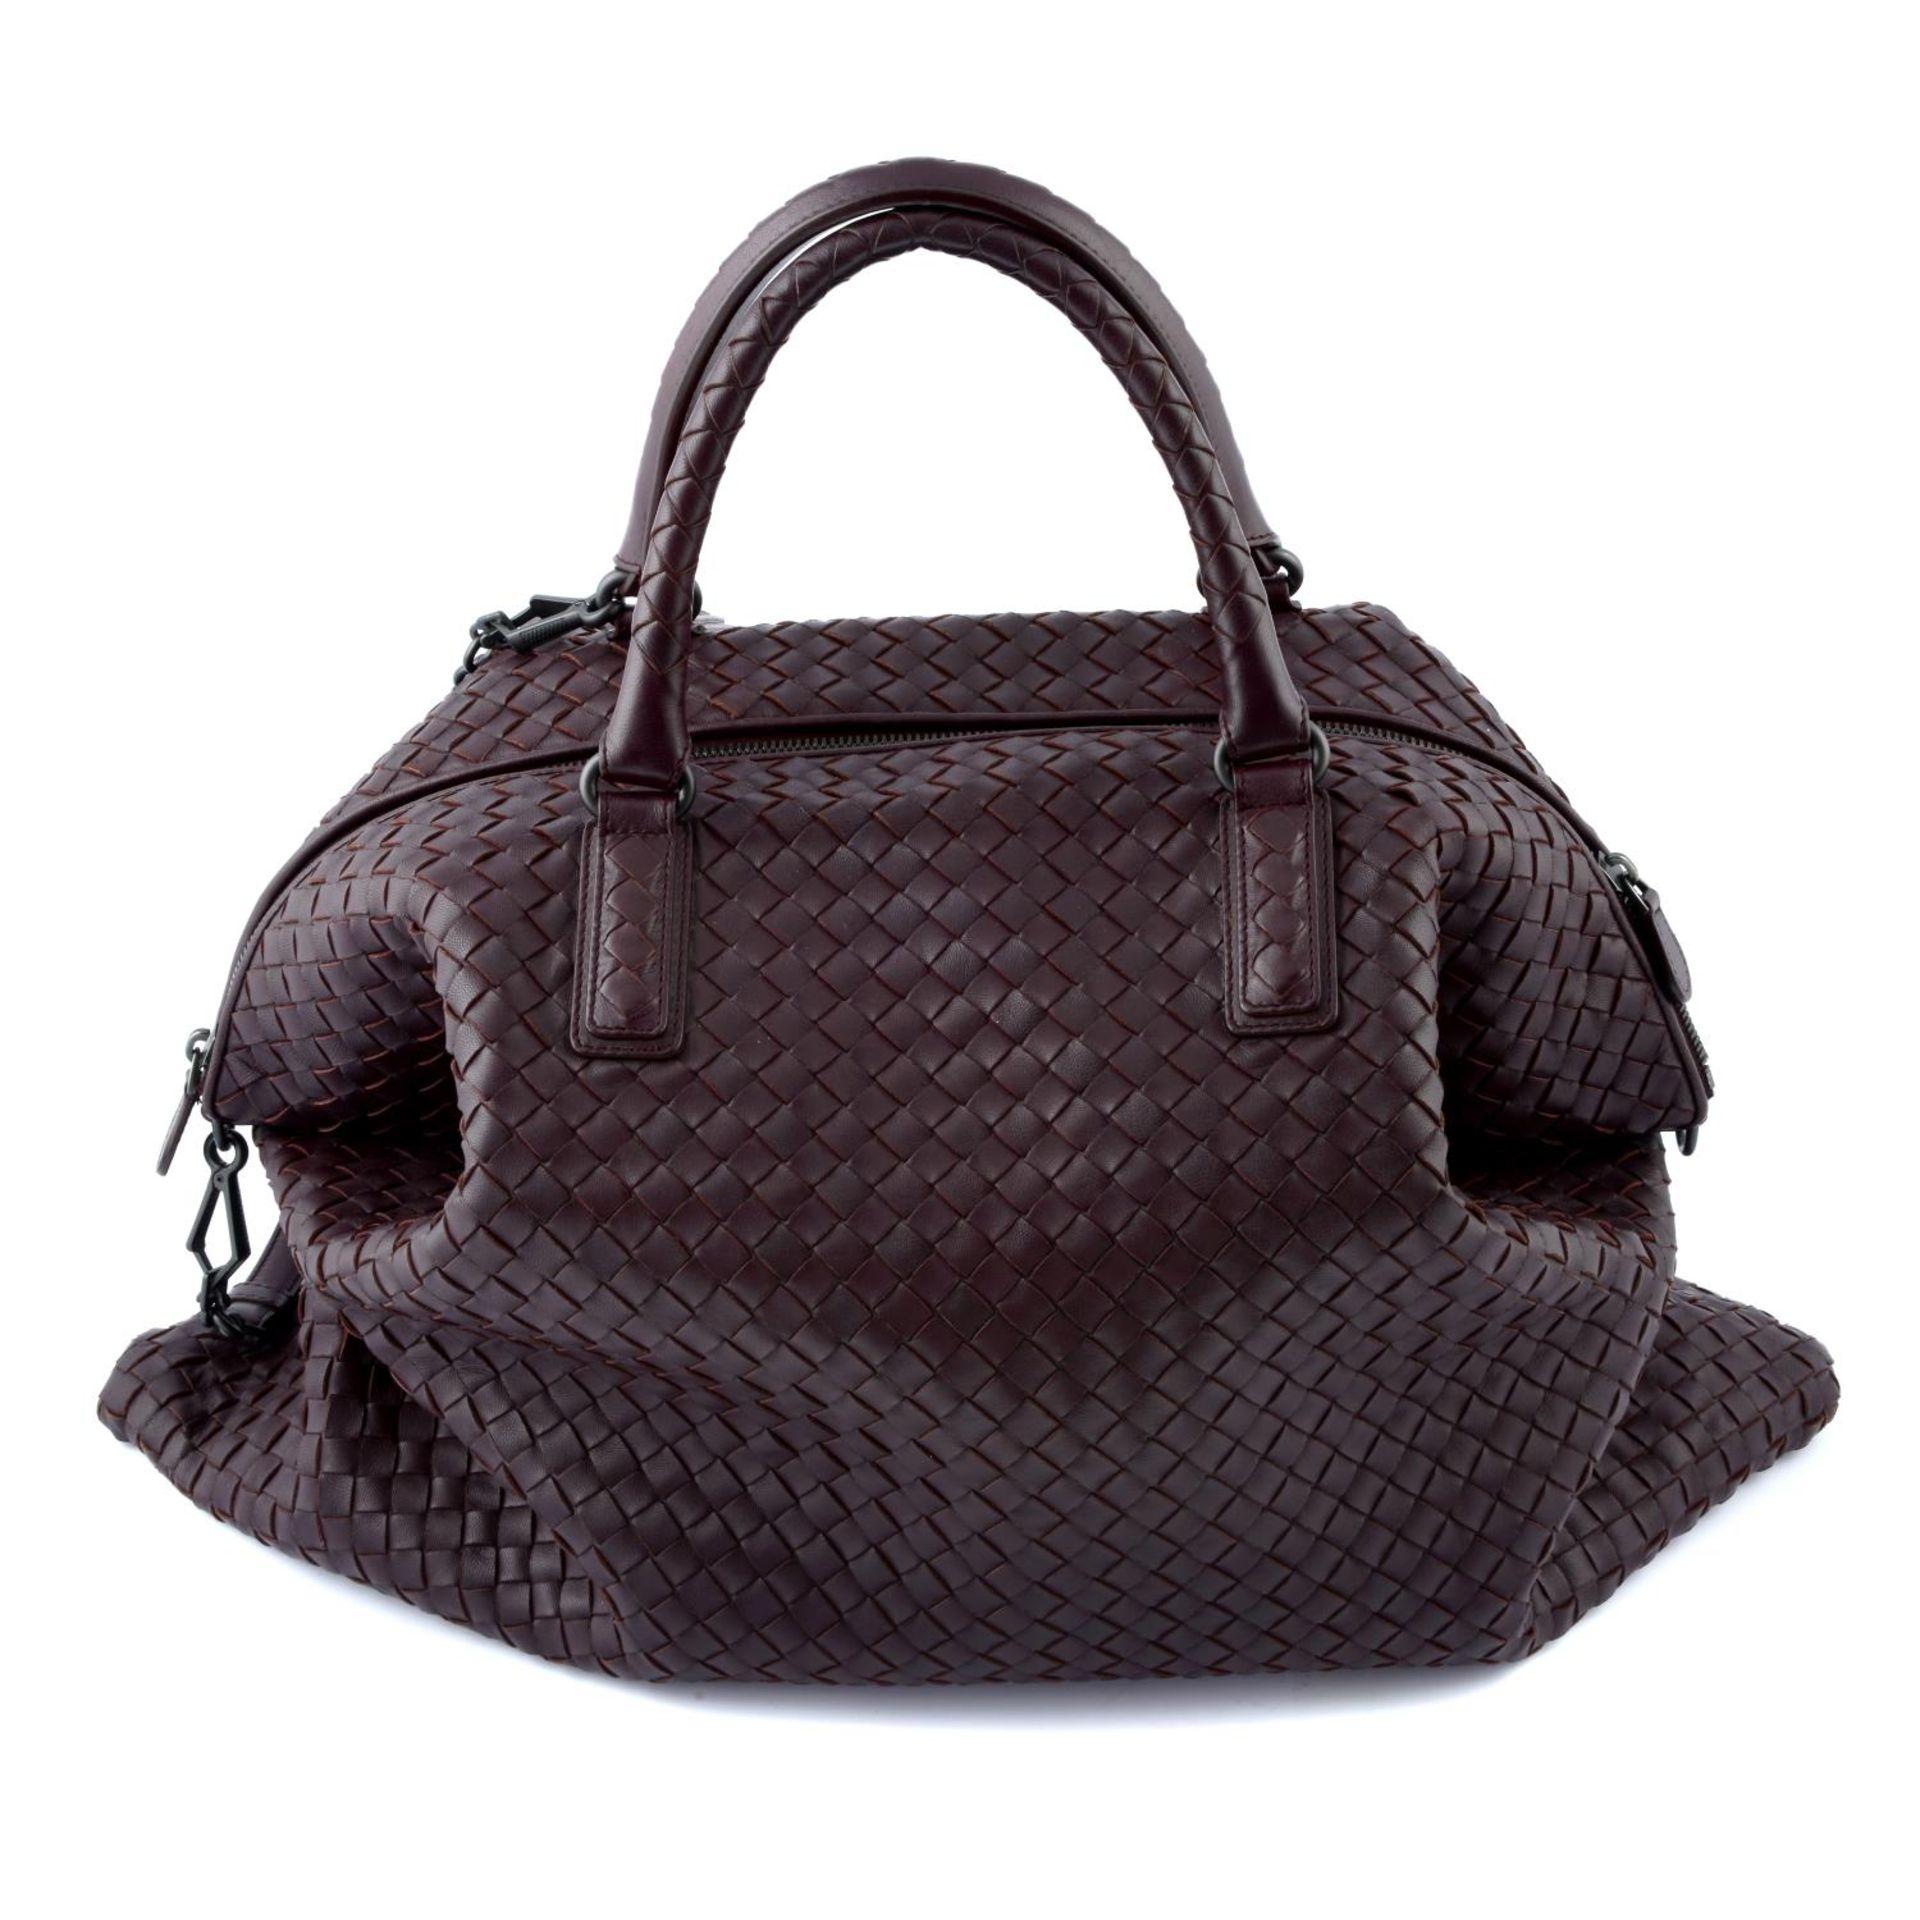 BOTTEGA VENETA - an XL fold over Nappa Intrecciato handbag.